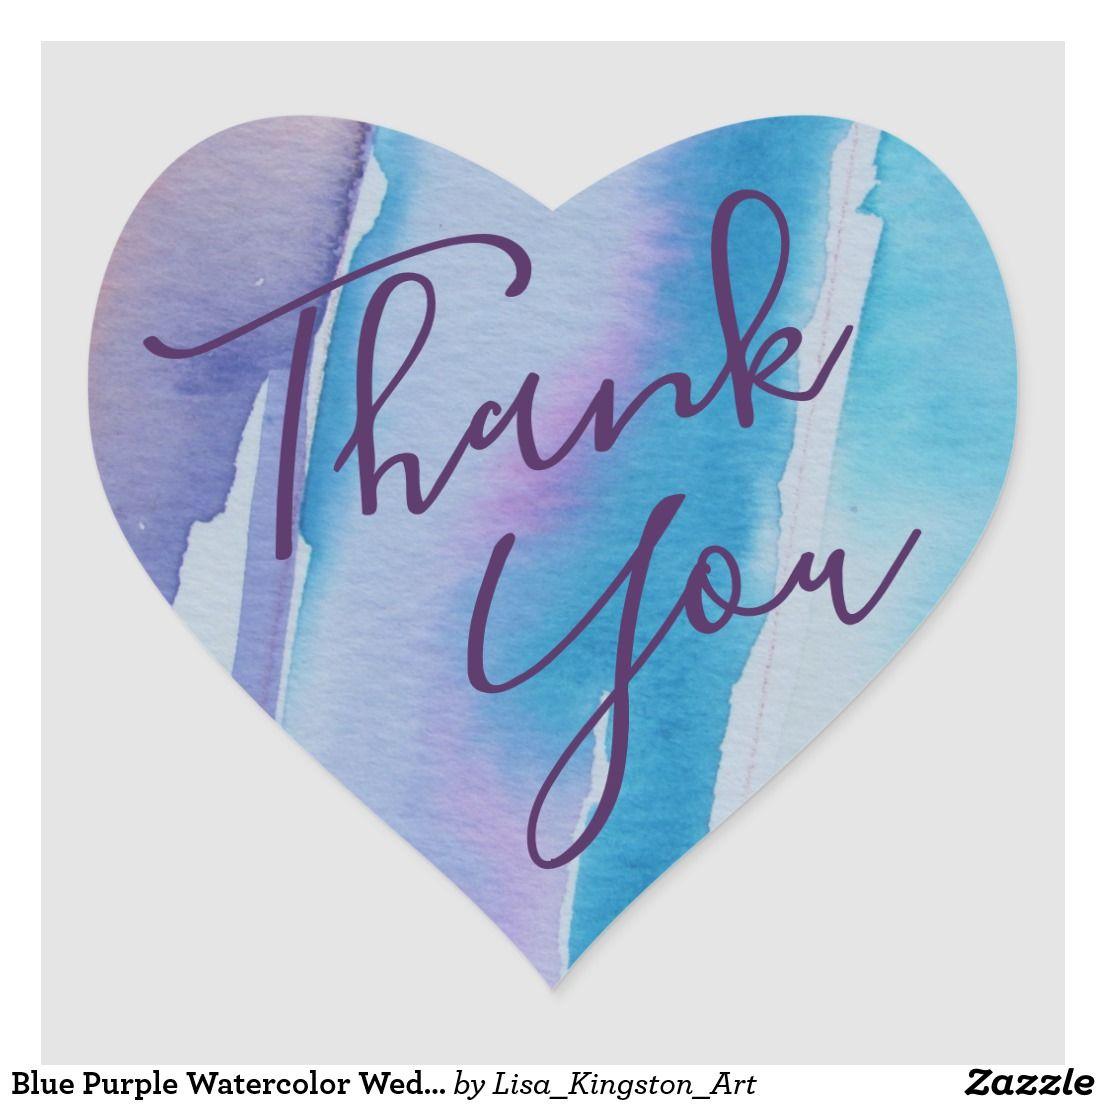 Blue purple watercolor wedding thank you heart sticker